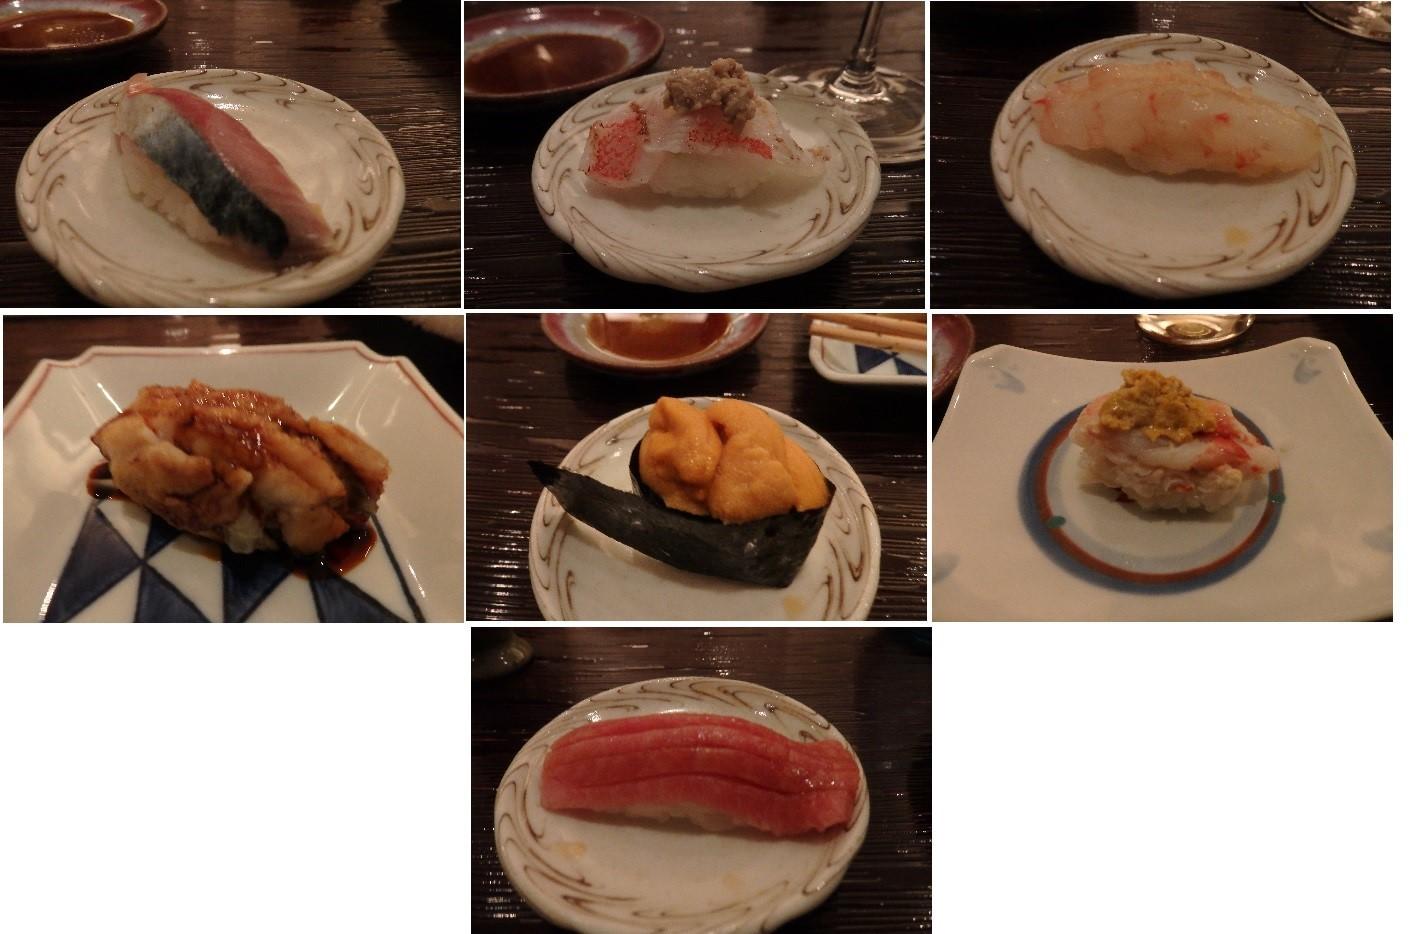 誕生日のお祝いをお寿司屋さんで… 『鮨一』 このお店に行きました。_f0362073_11300849.jpg